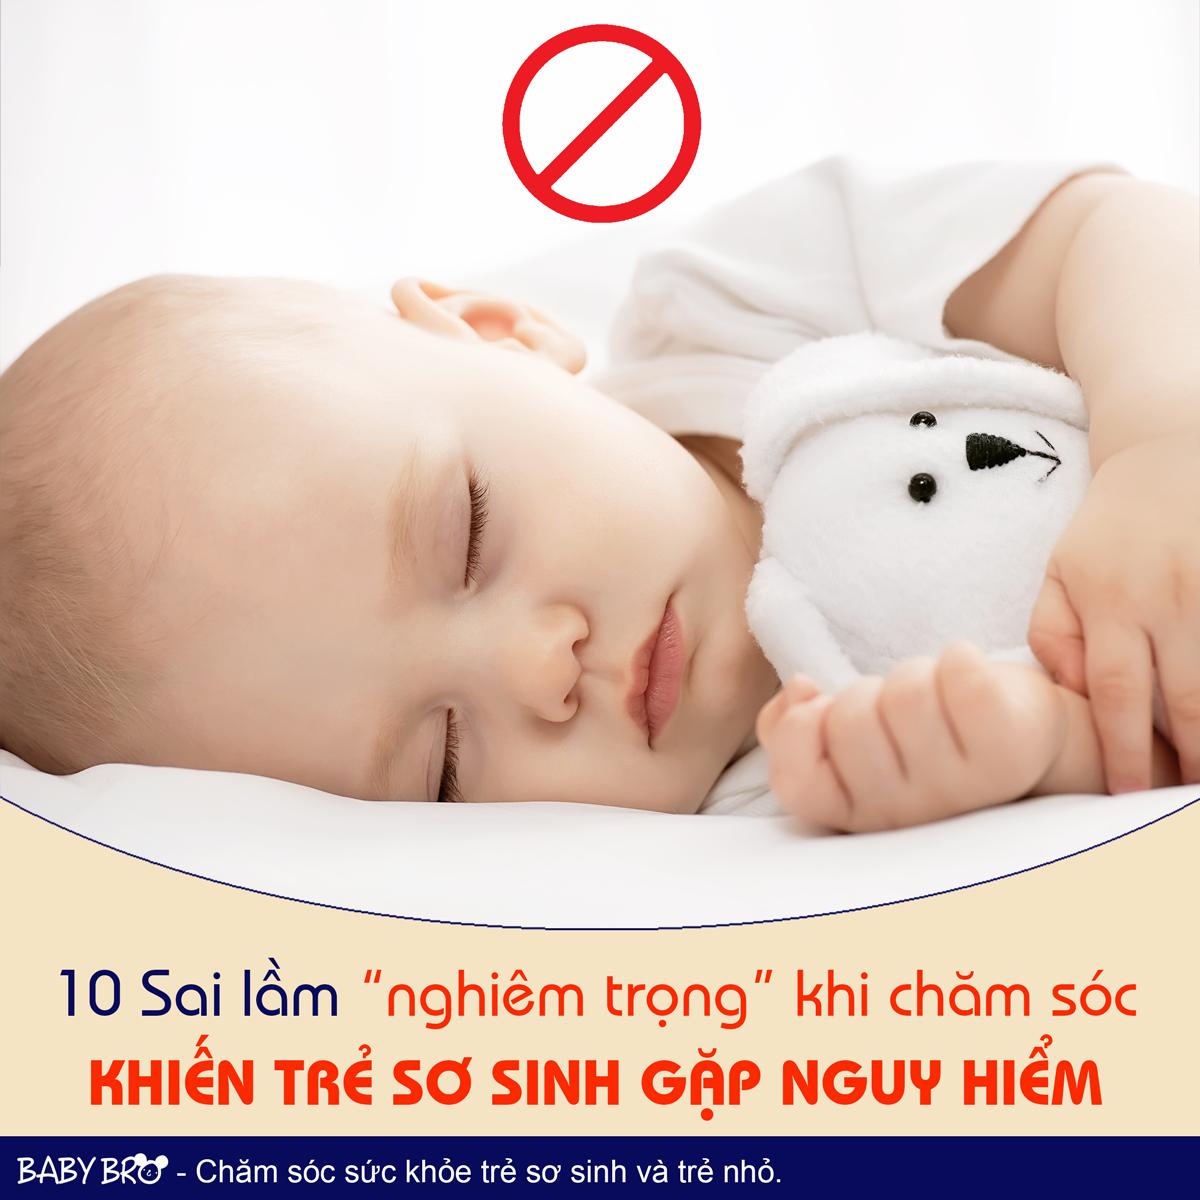 10 Sai lầm nghiêm trọng khi chăm sóc trẻ sơ sinh